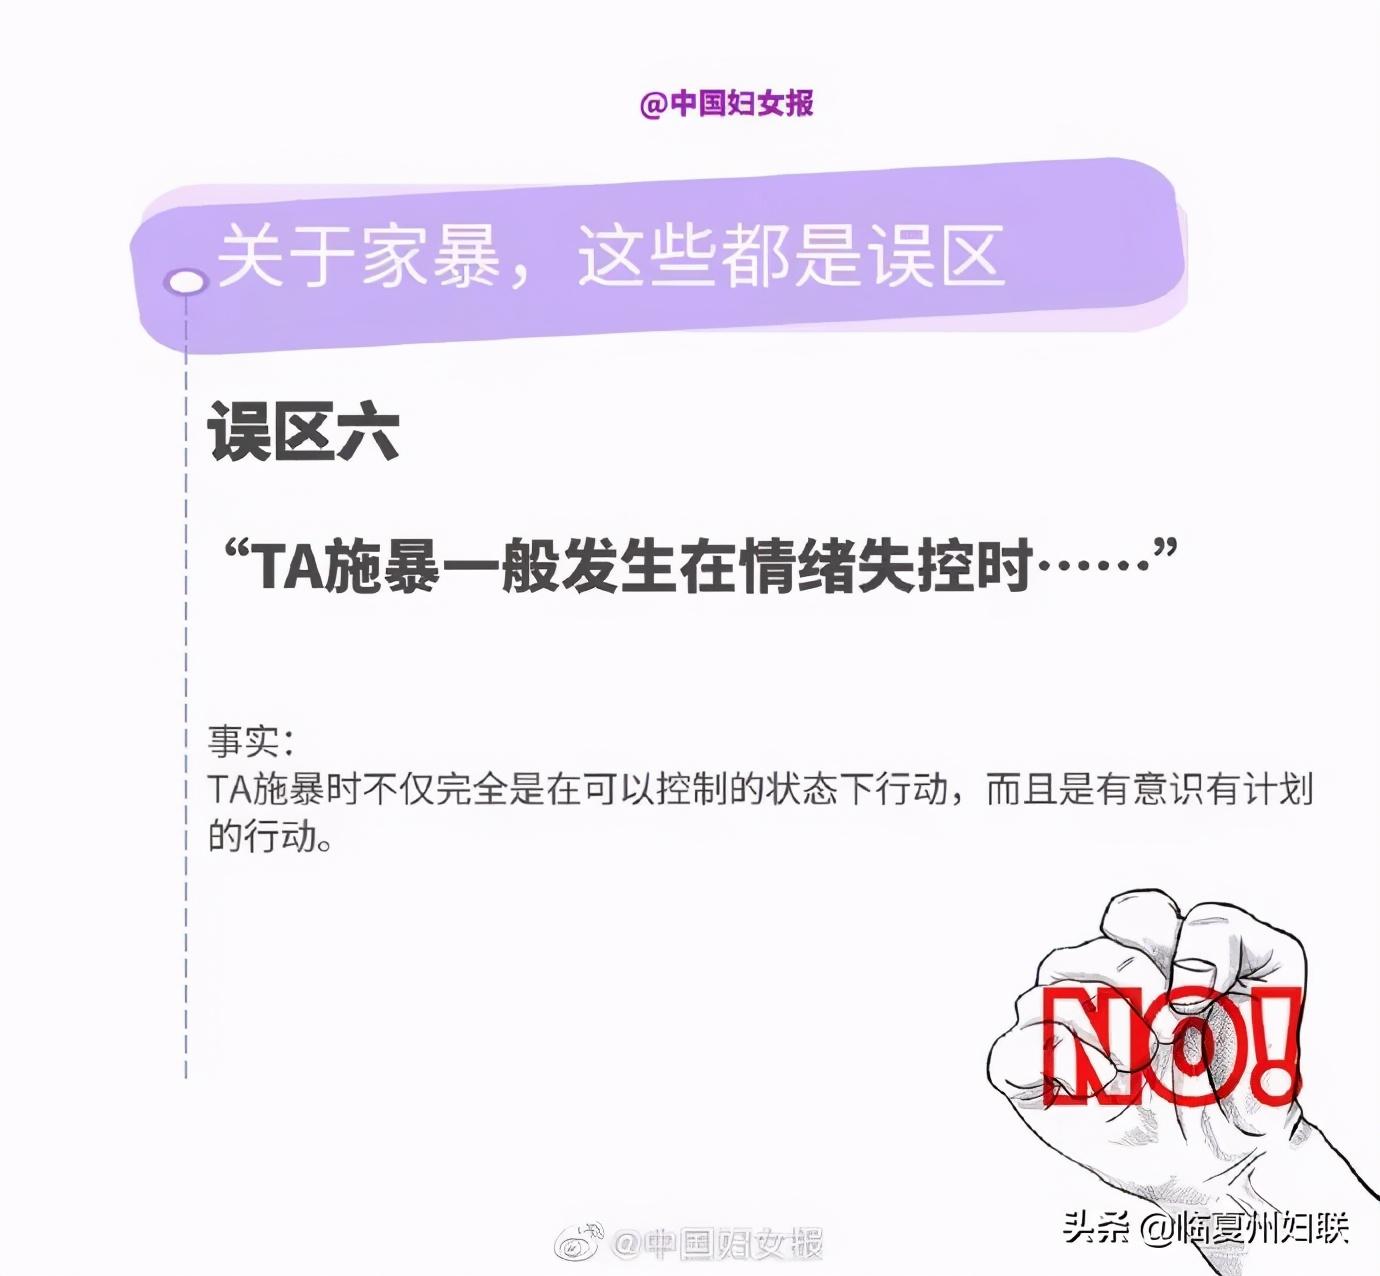 11.25国际反家庭暴力日,对家暴说:NO!